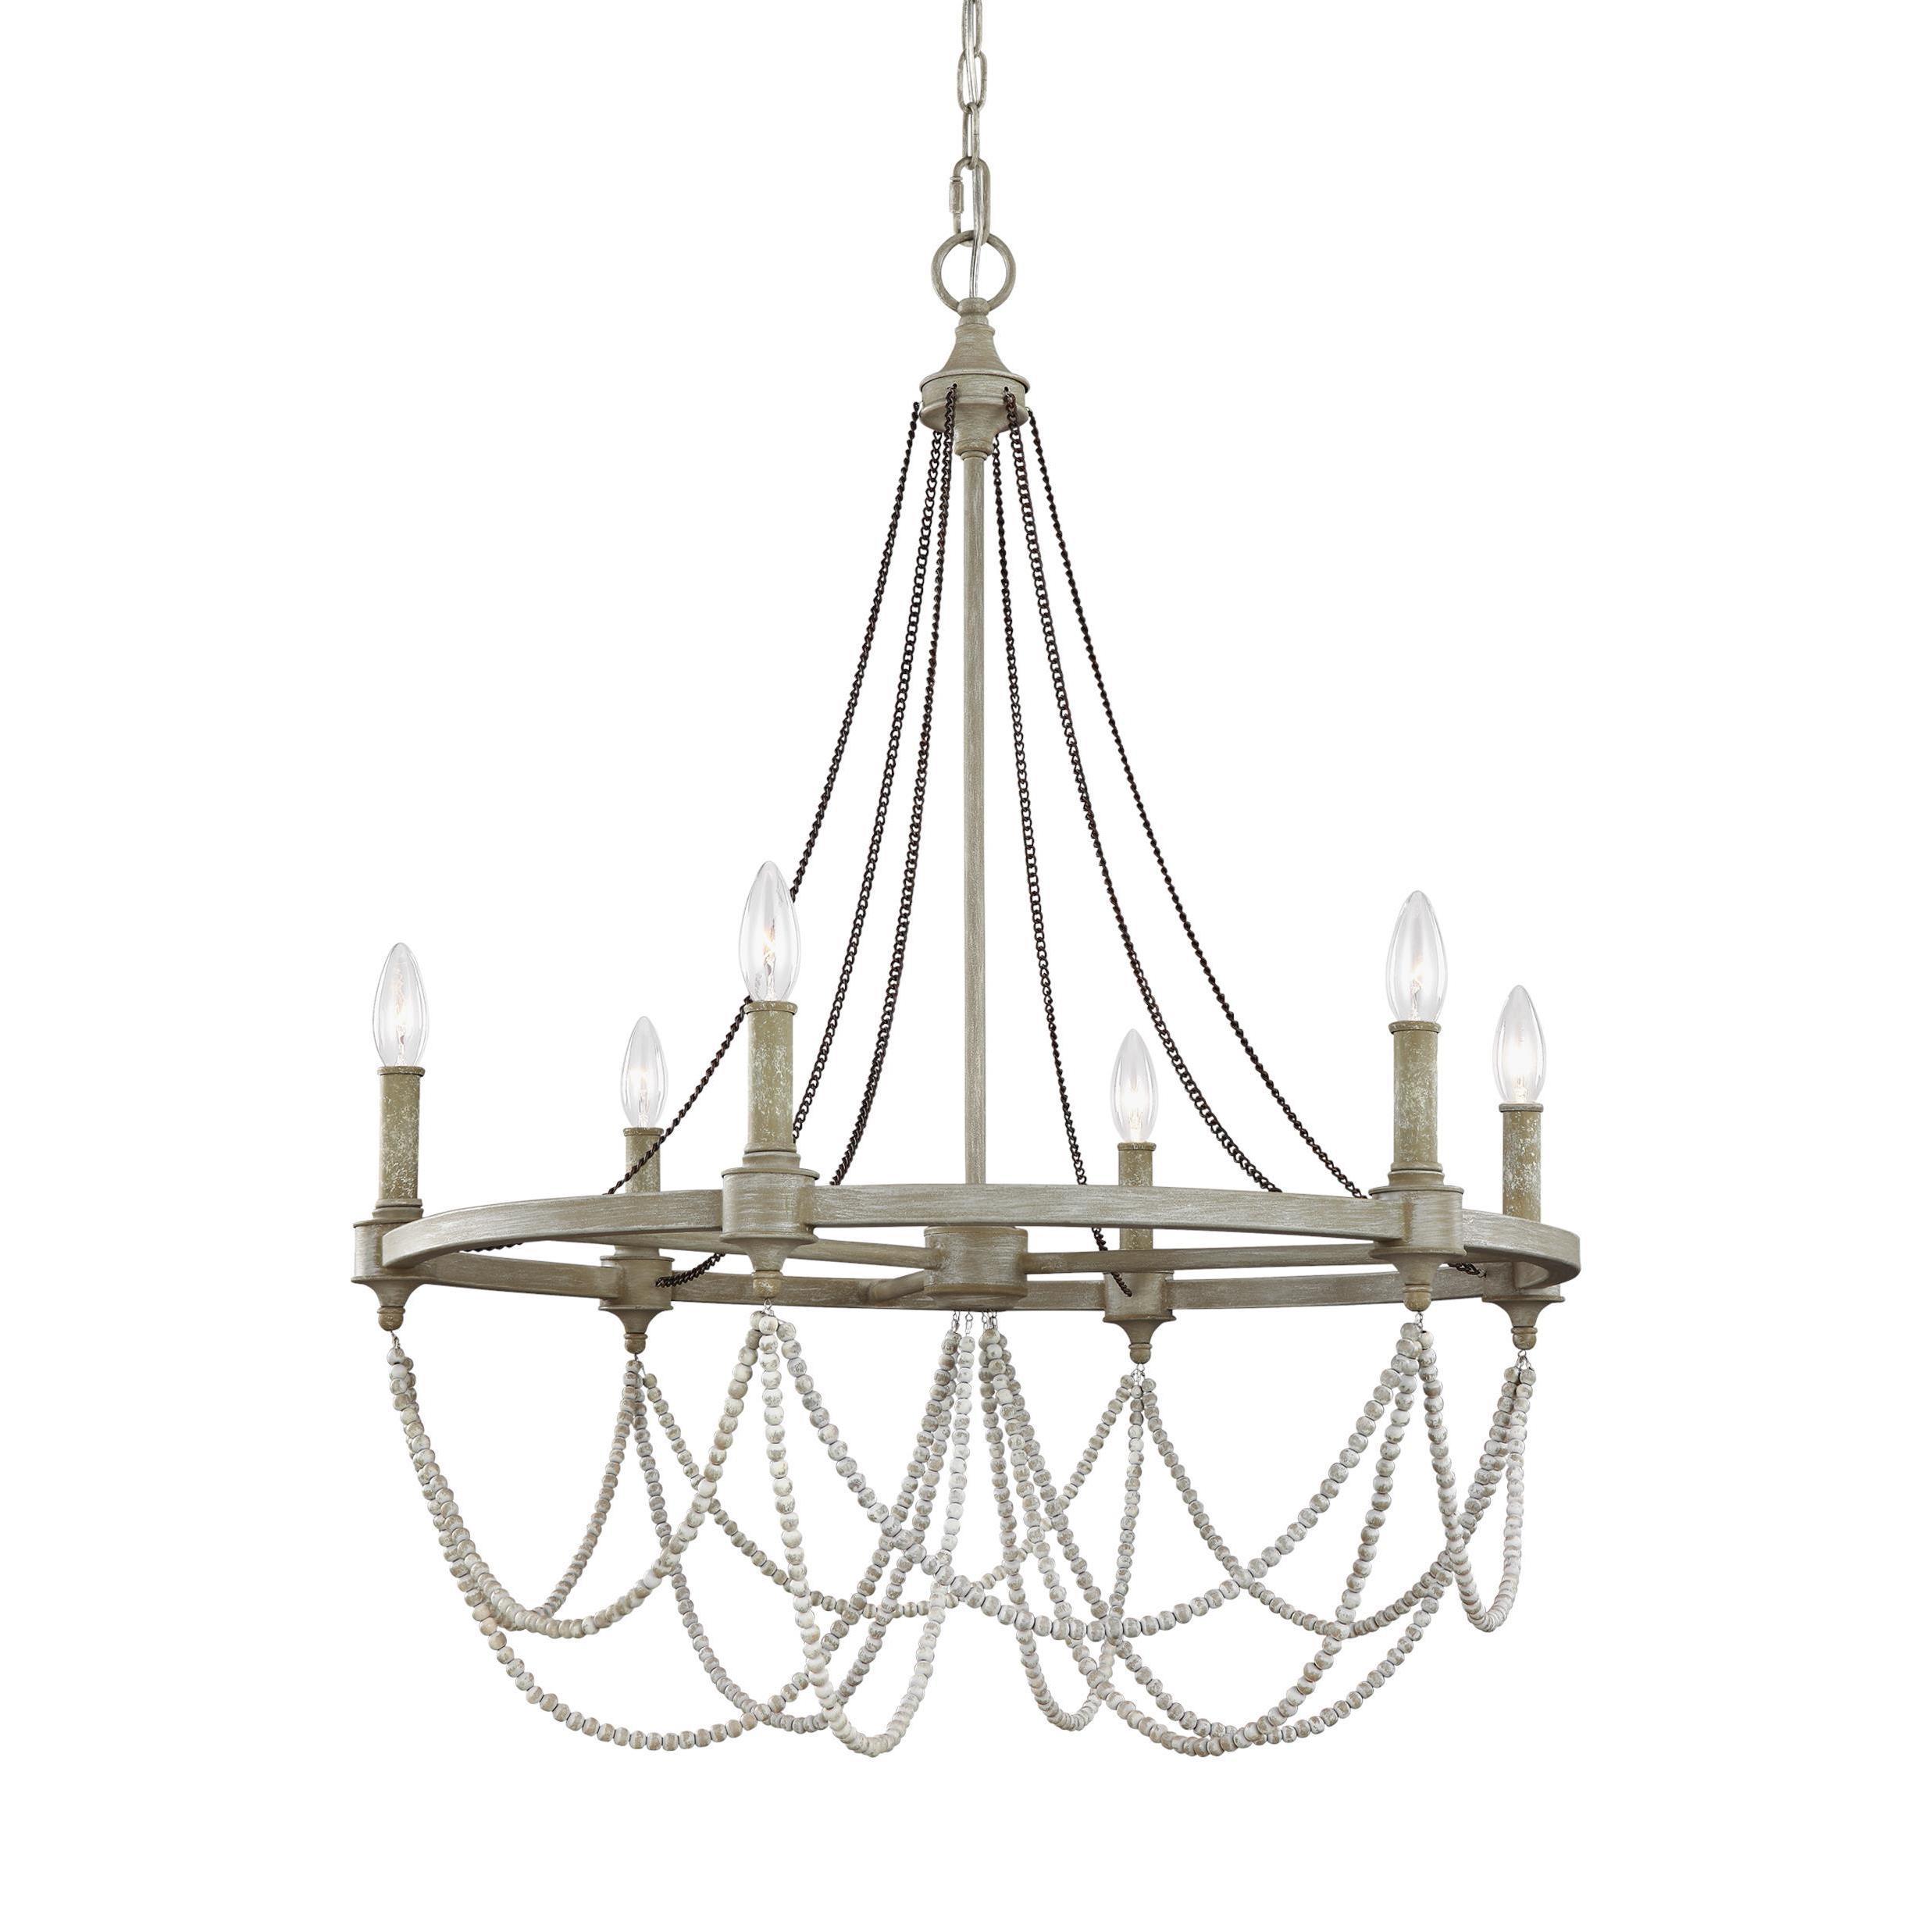 fbx edge furniture model models art mtl cgtrader chandelier max obj lamp